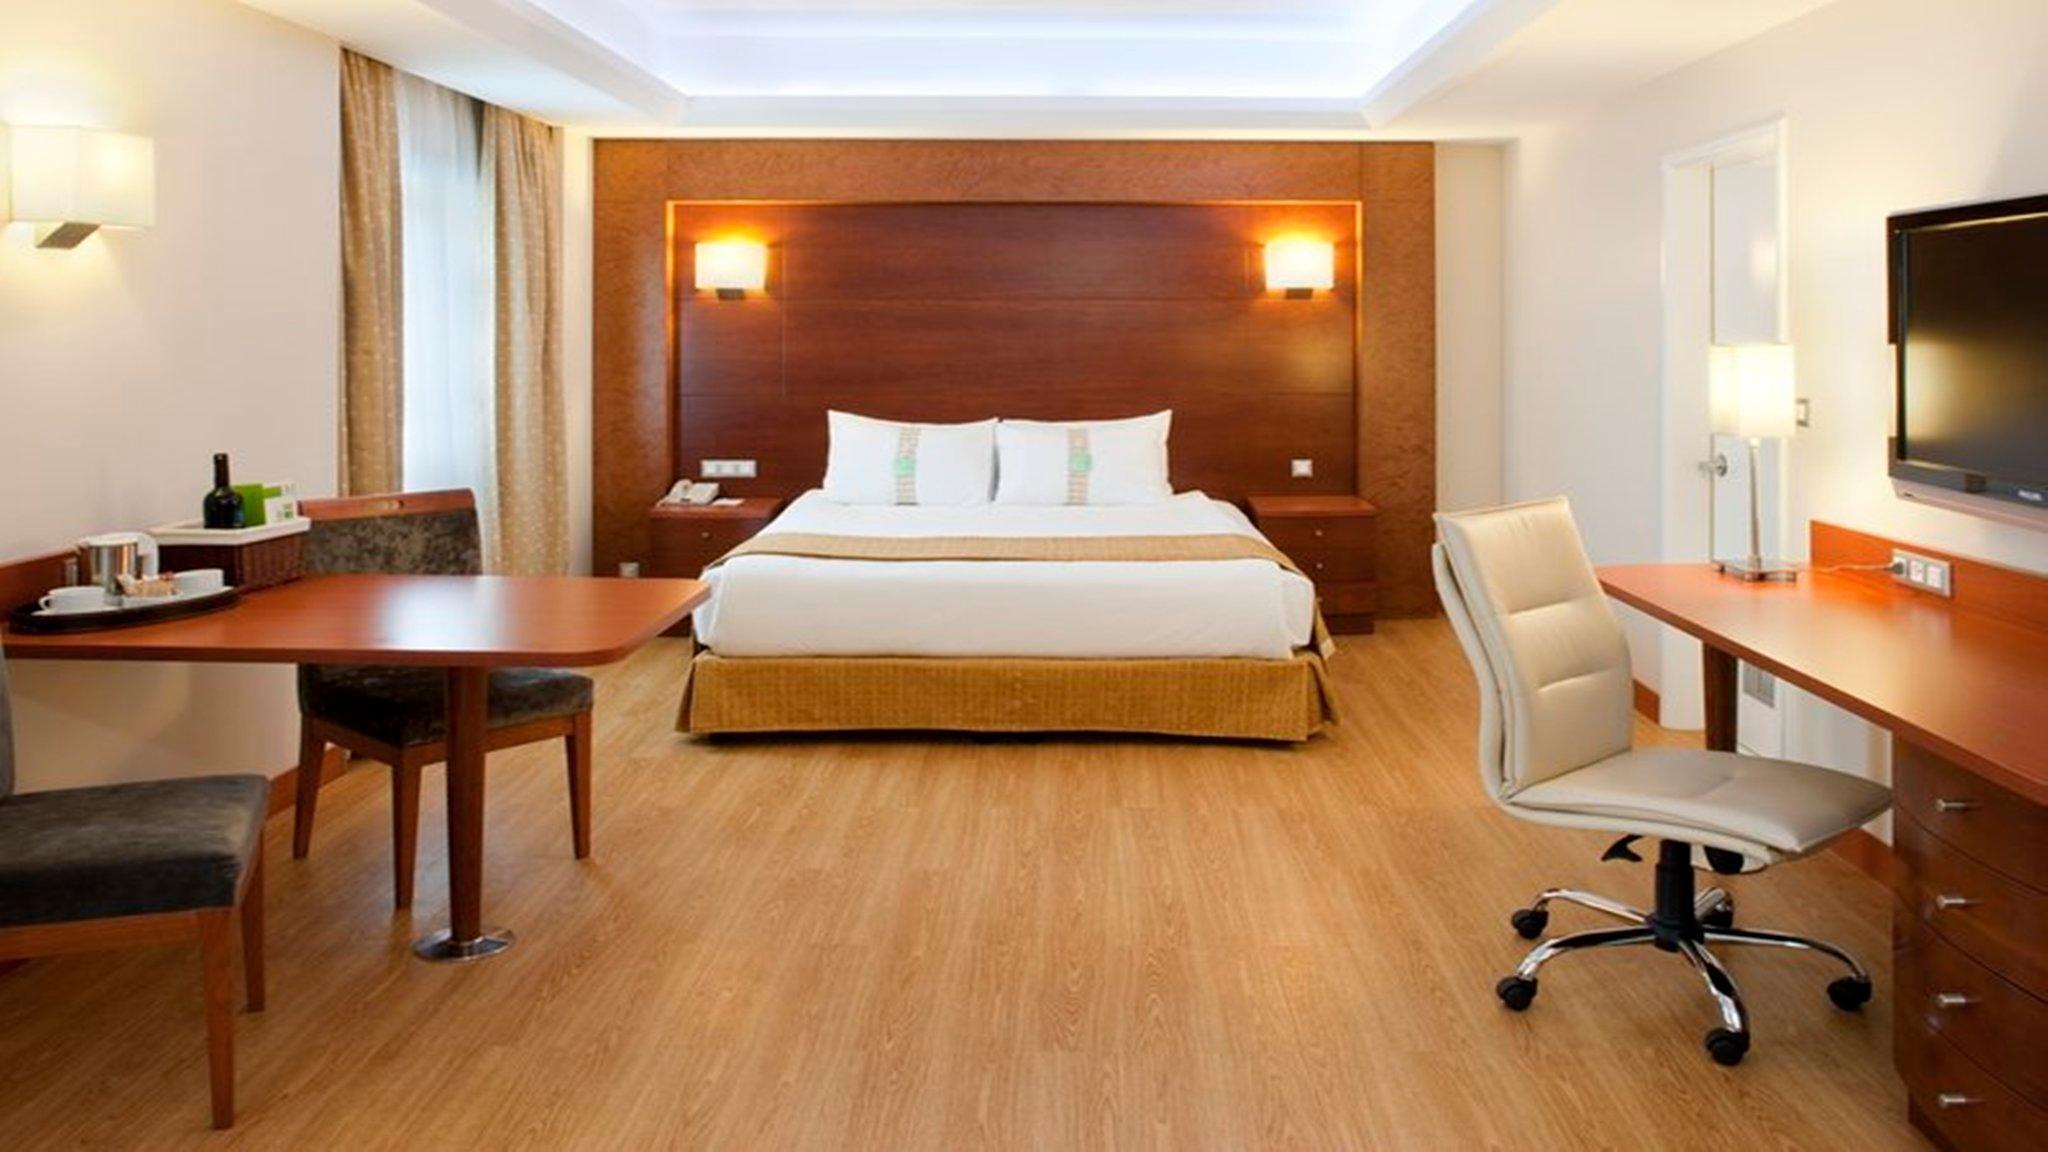 فنادق 5 نجوم في الفاتح السطنبول